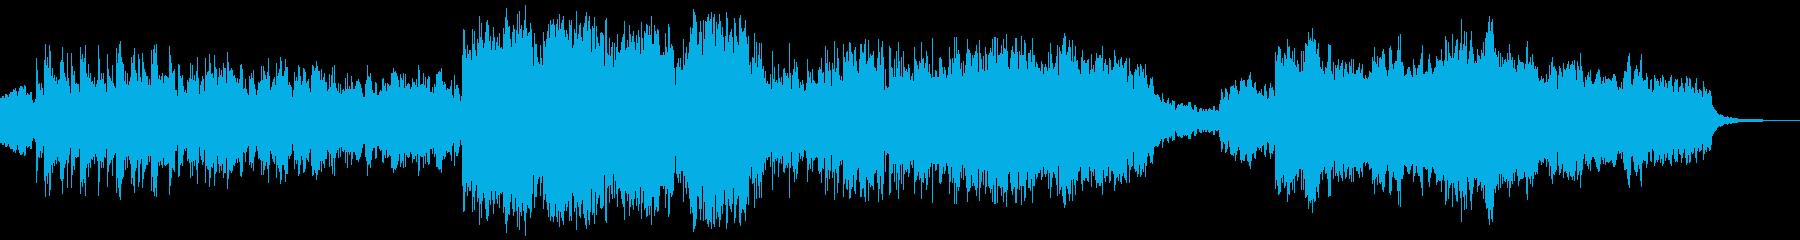 ケルト音楽っぽいカッコイイ曲の再生済みの波形